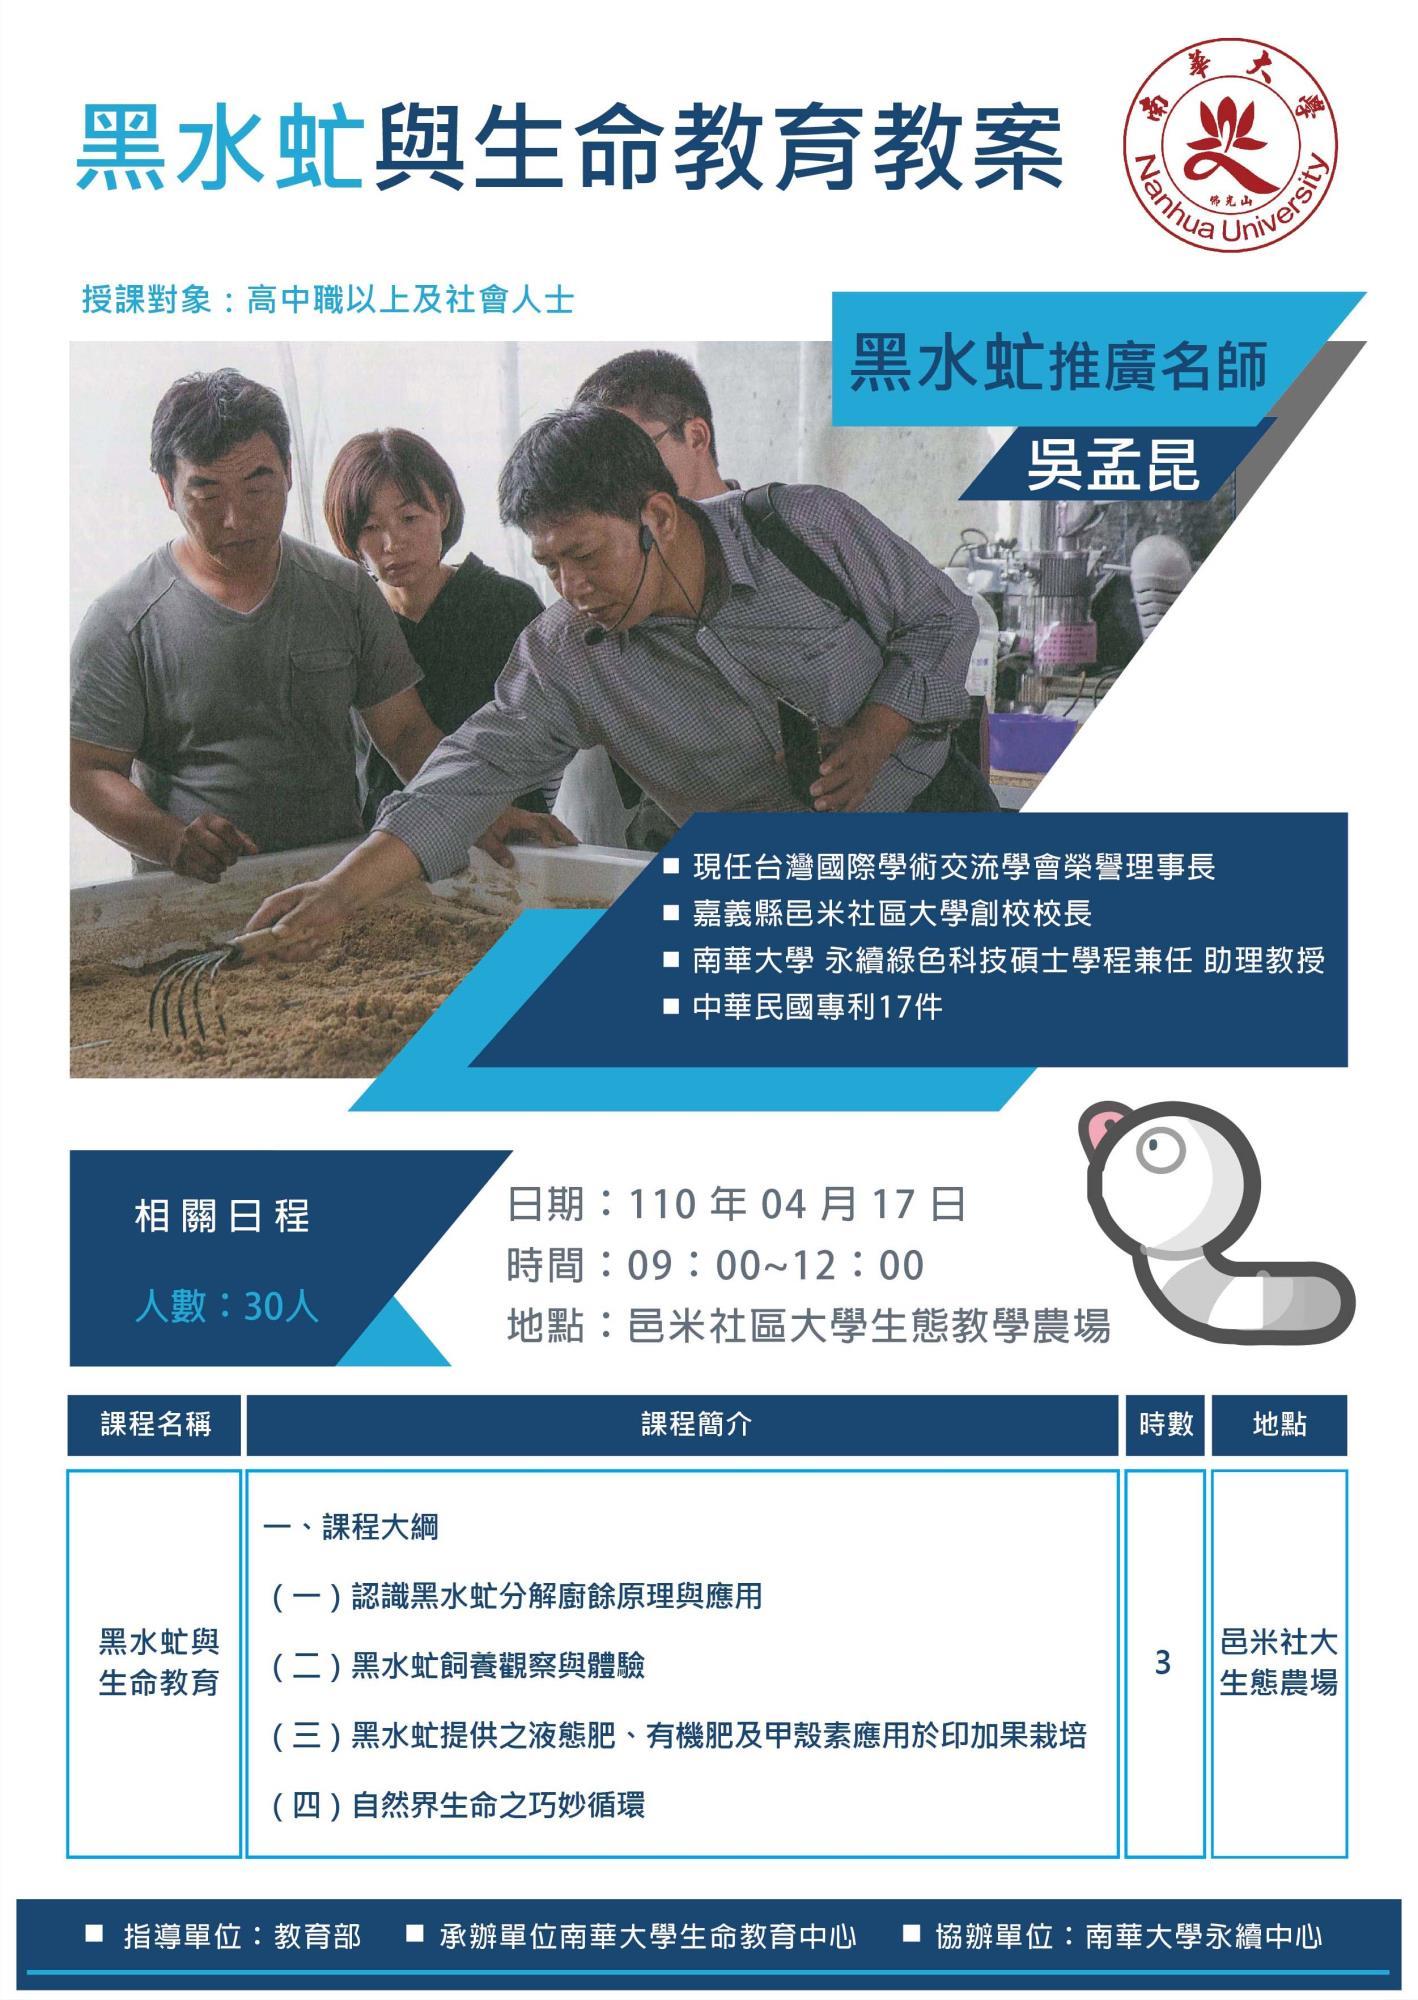 南華大學黑水虻與生命教育教案